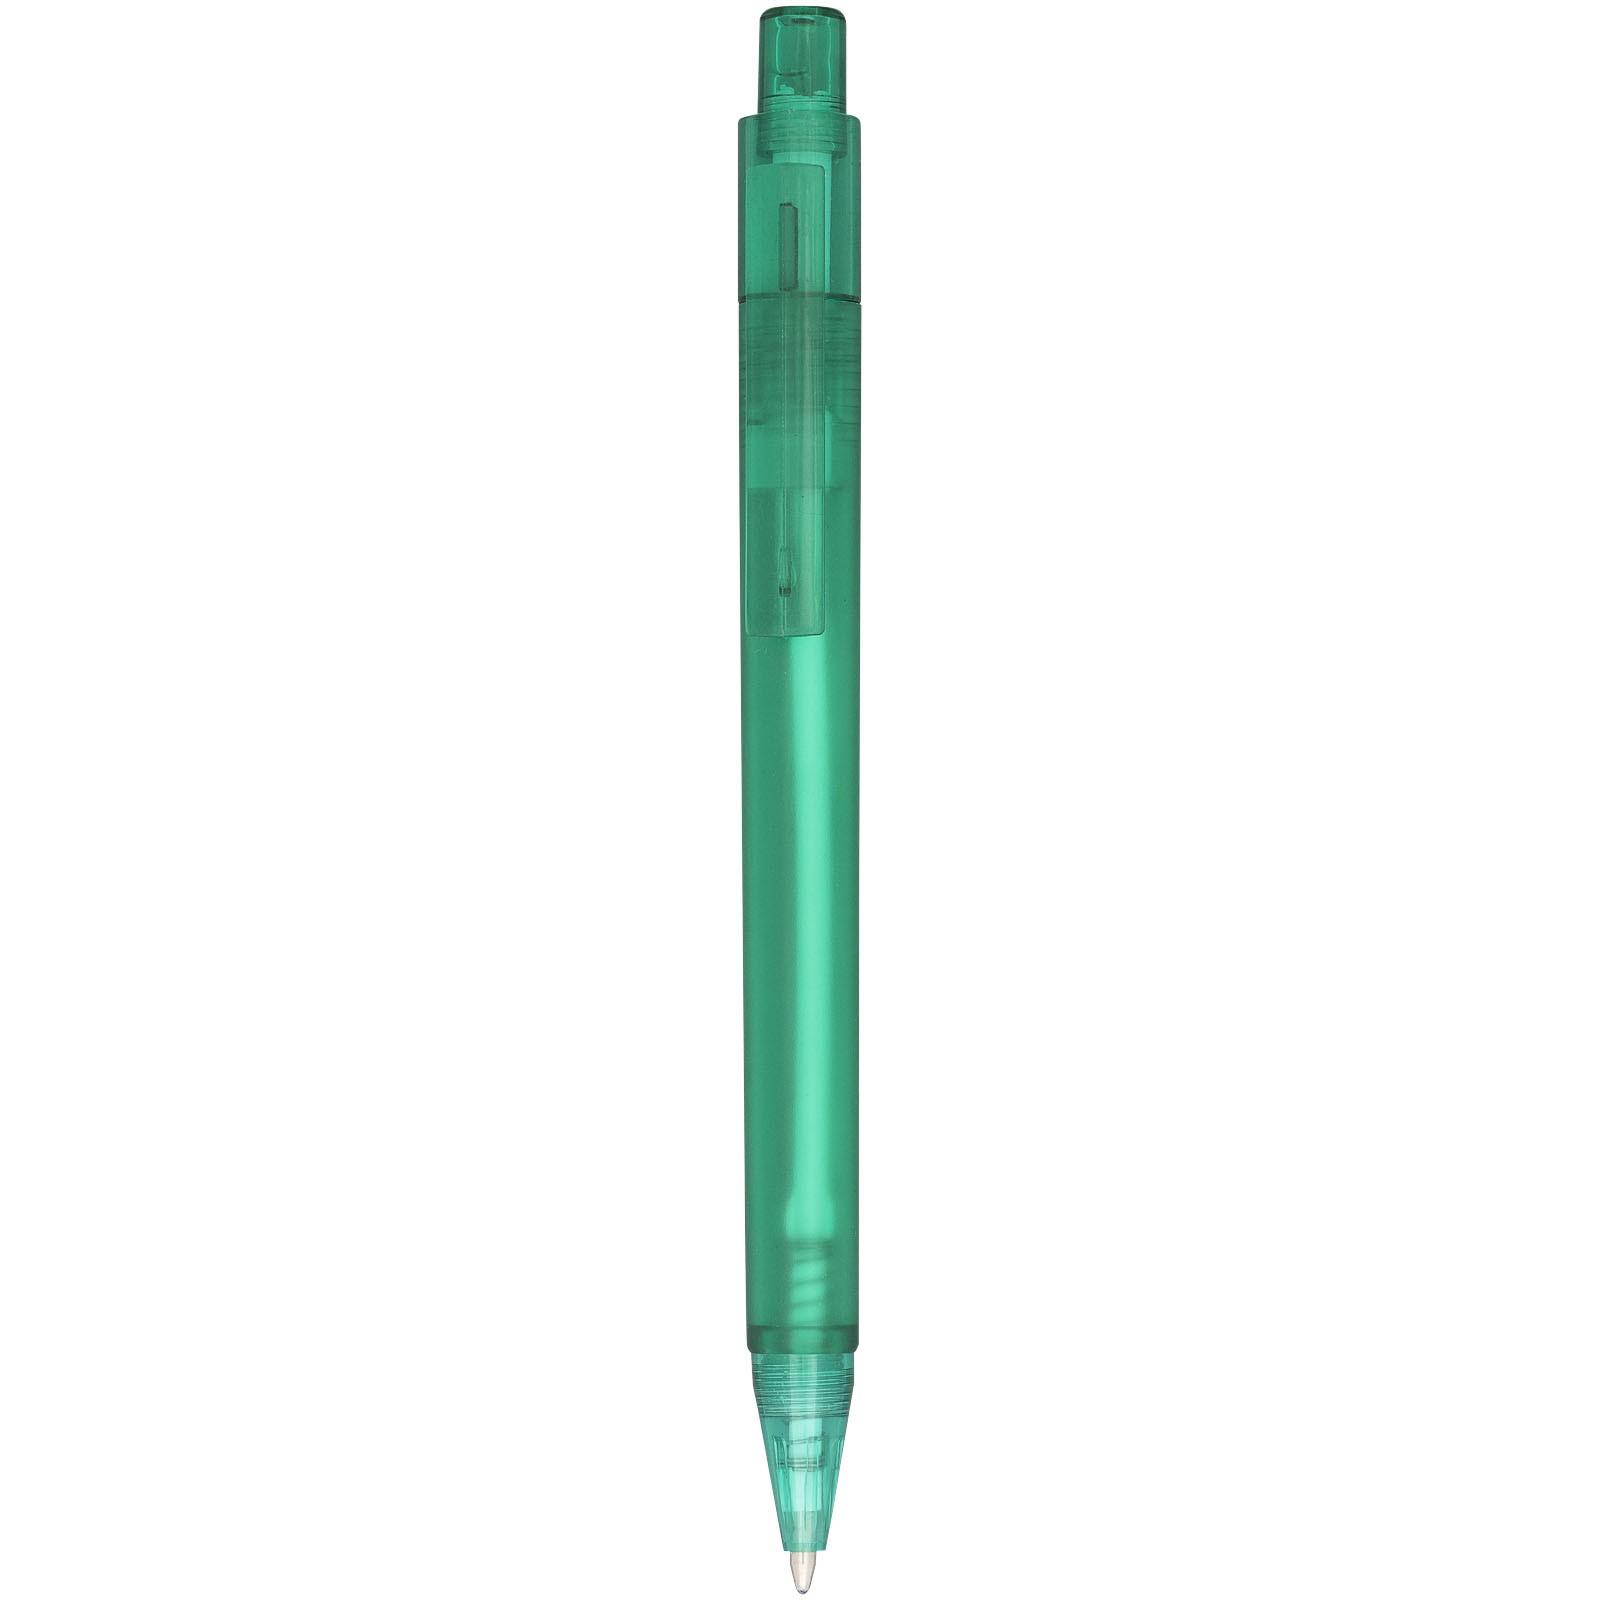 Kuličkové pero Calypso s efektem námrazy - Zelená S Efektem Námrazy